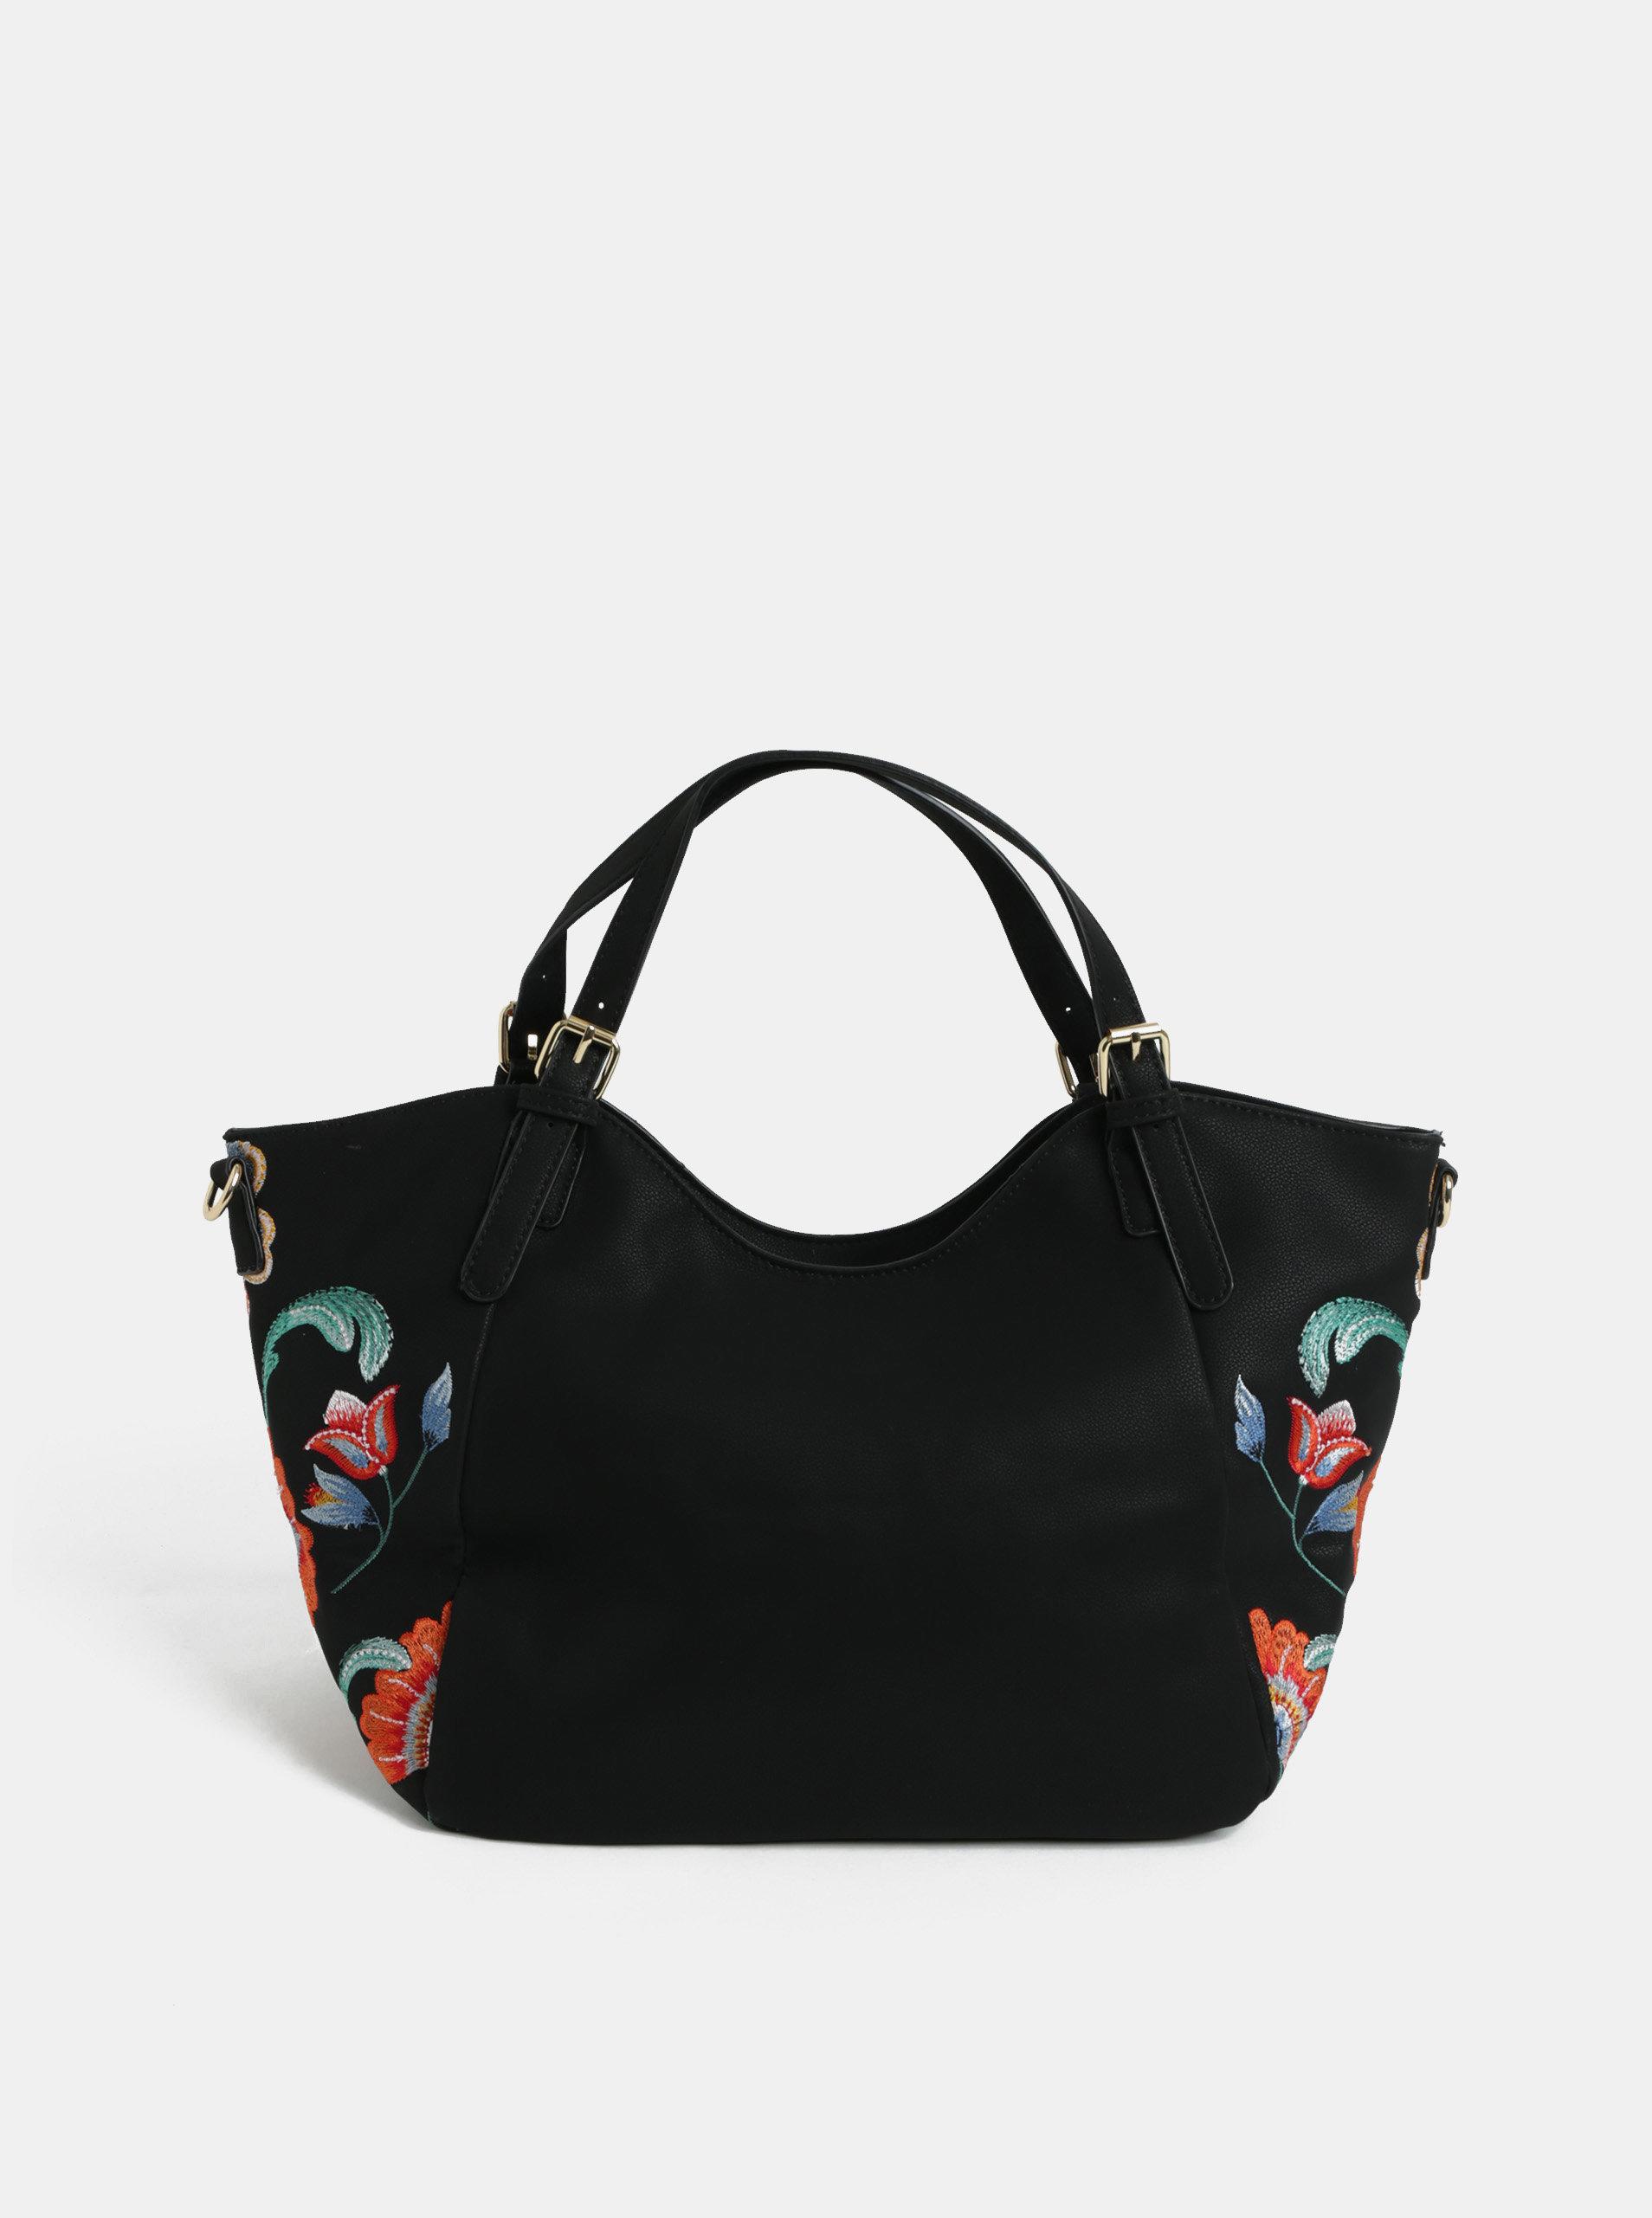 Černá kabelka s výšivkou Desigual Odissey ... 7260888b067